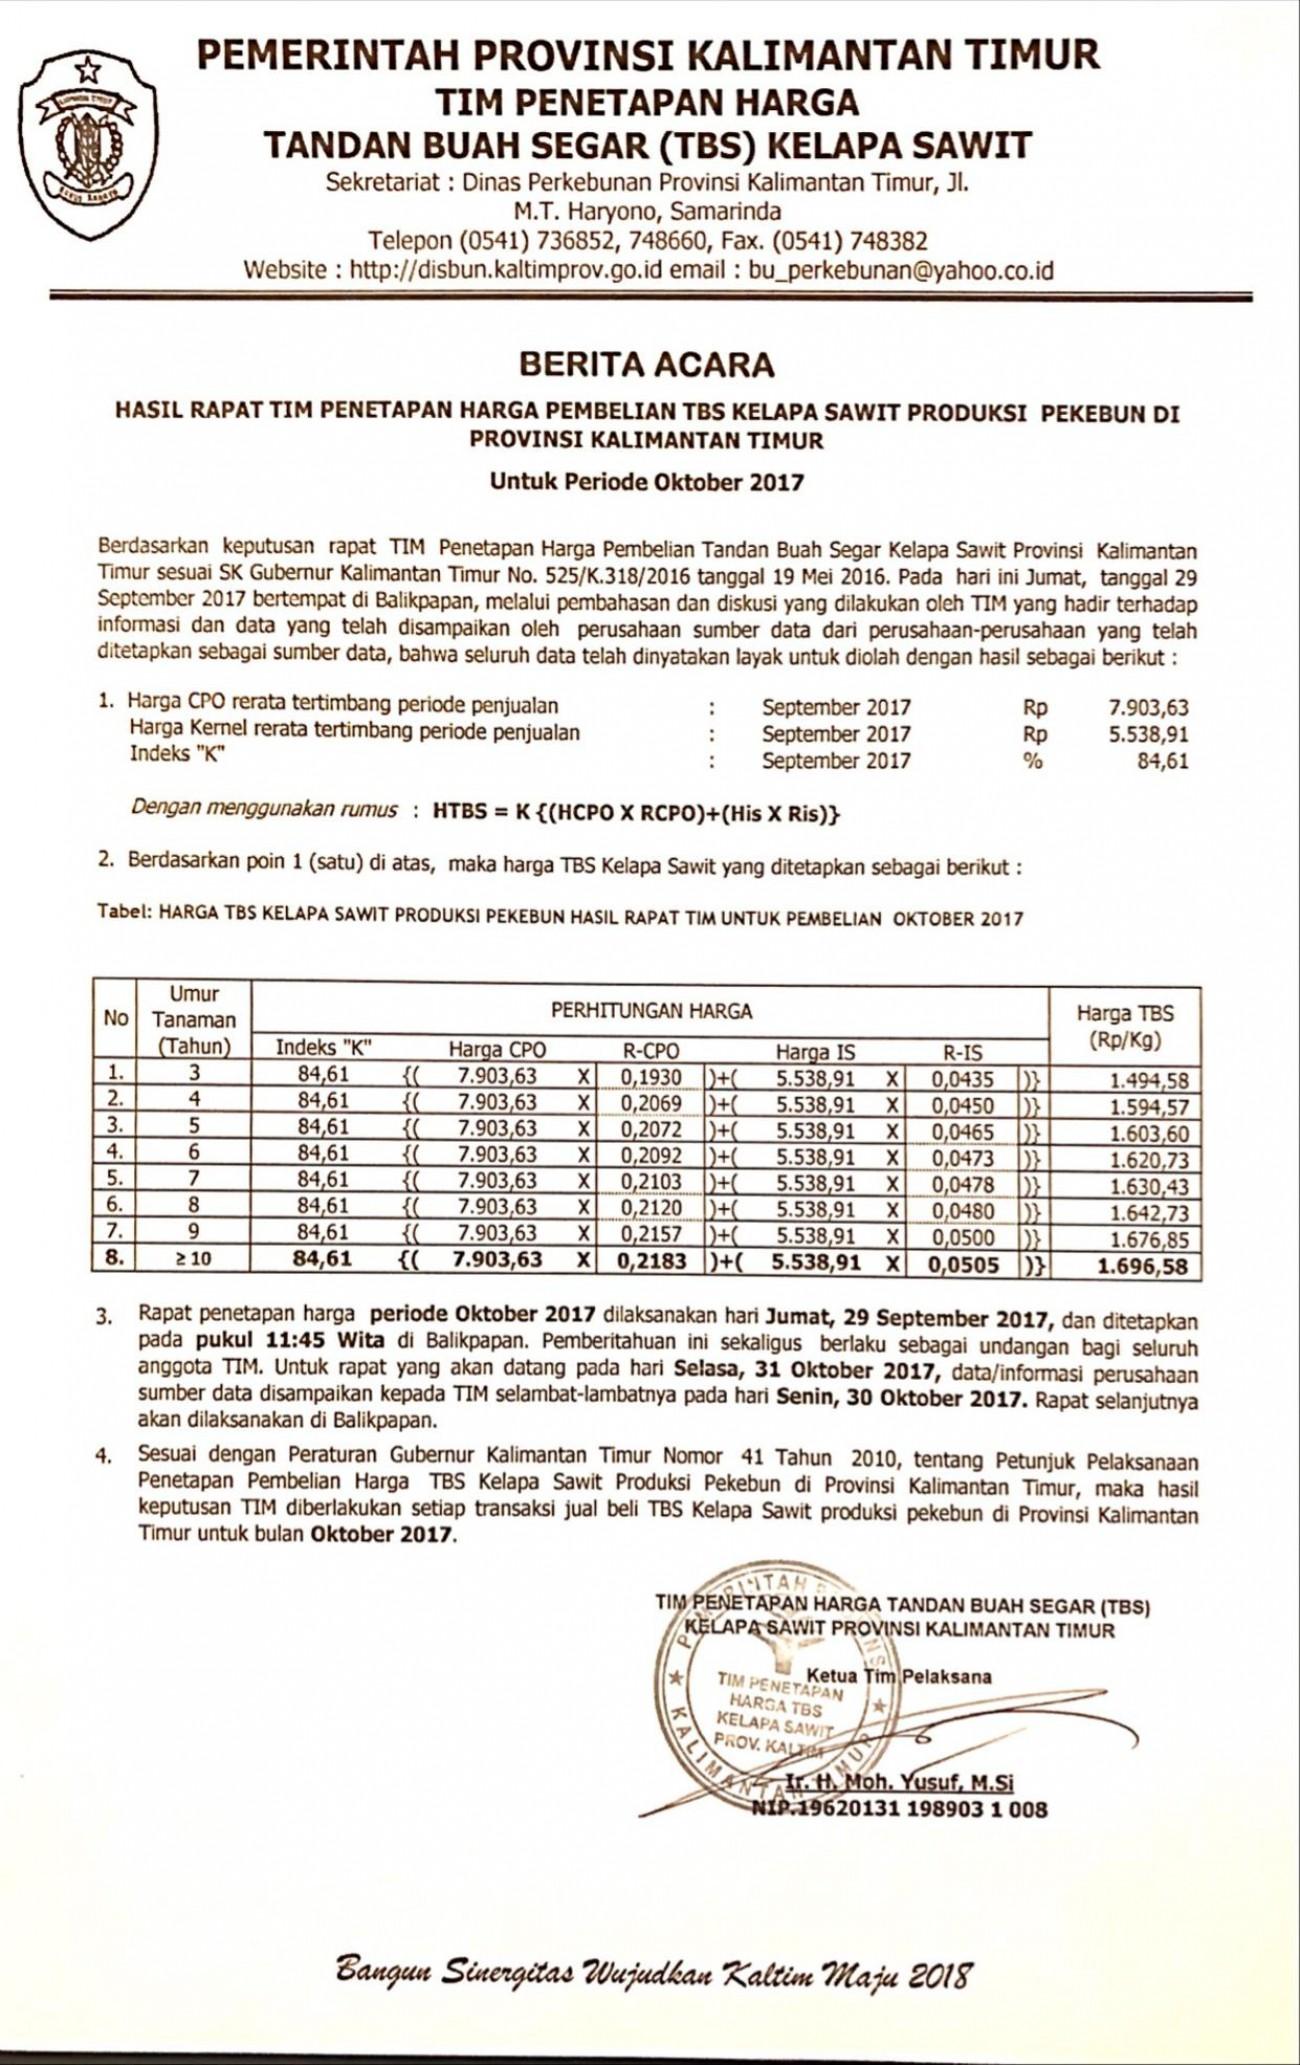 Informasi Harga TBS Kelapa Sawit Bulan Oktober 2017